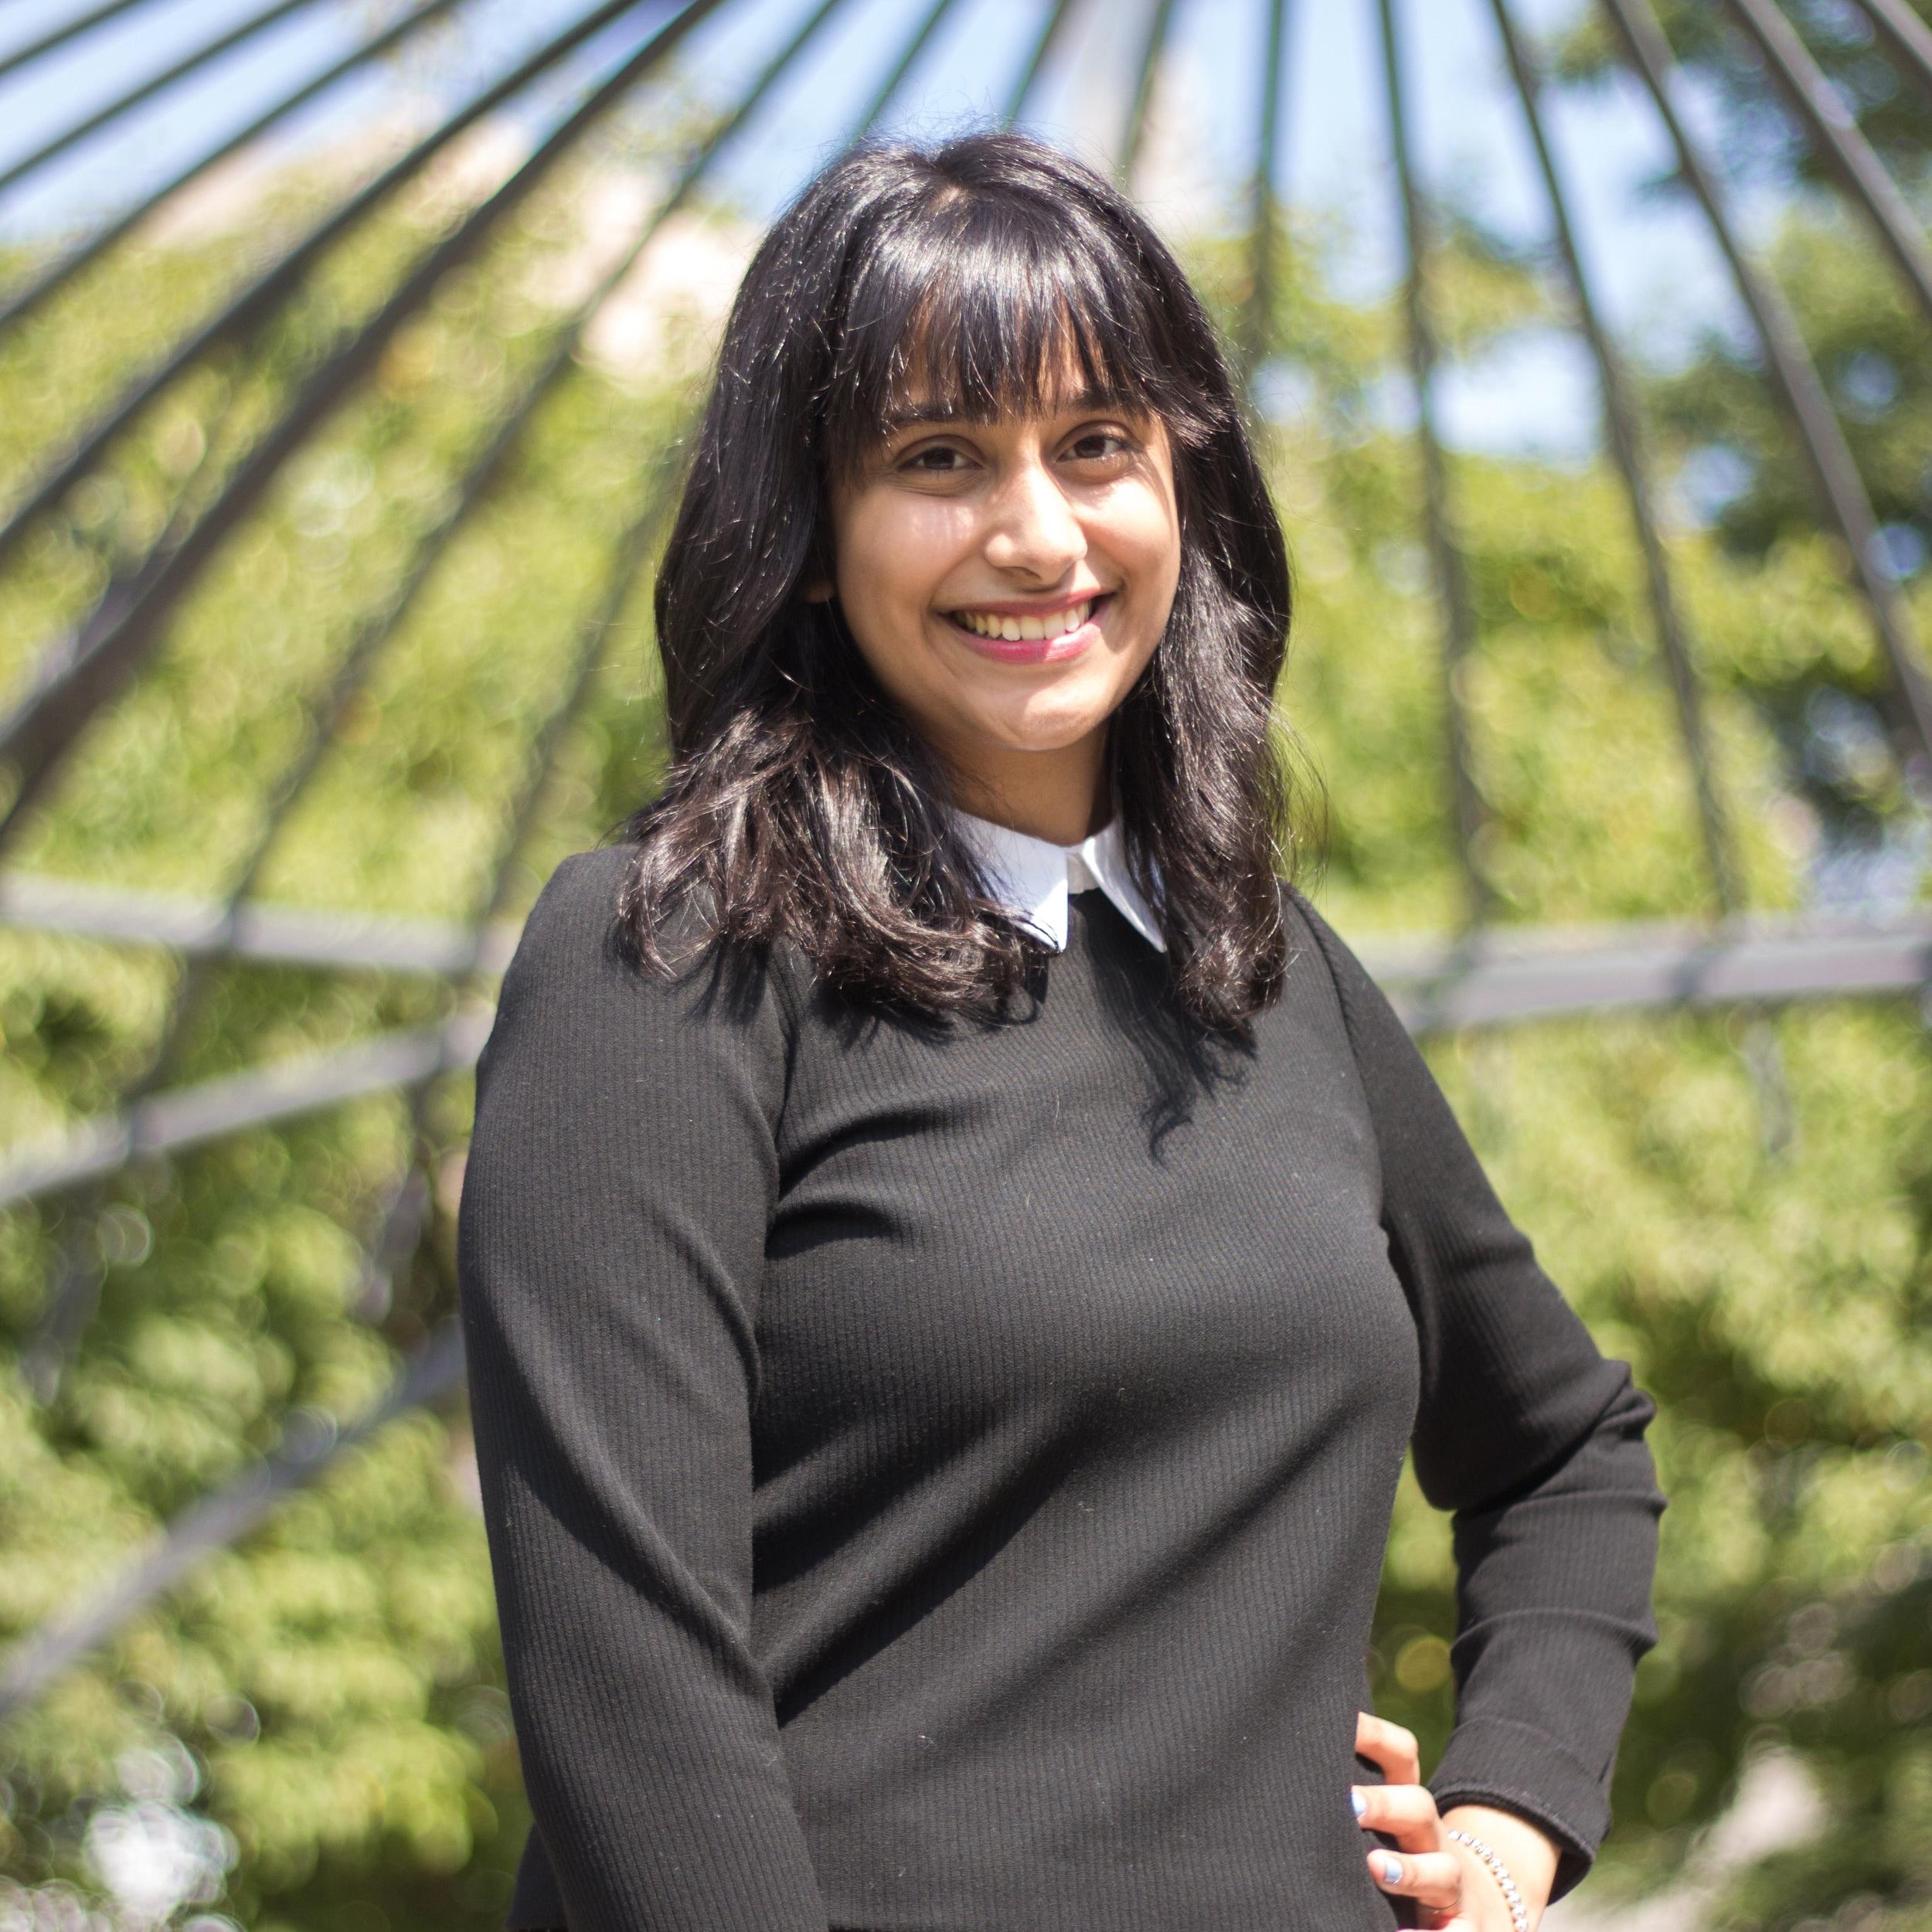 Khadijah haji - general associate  3rd year, majoring in global management studies